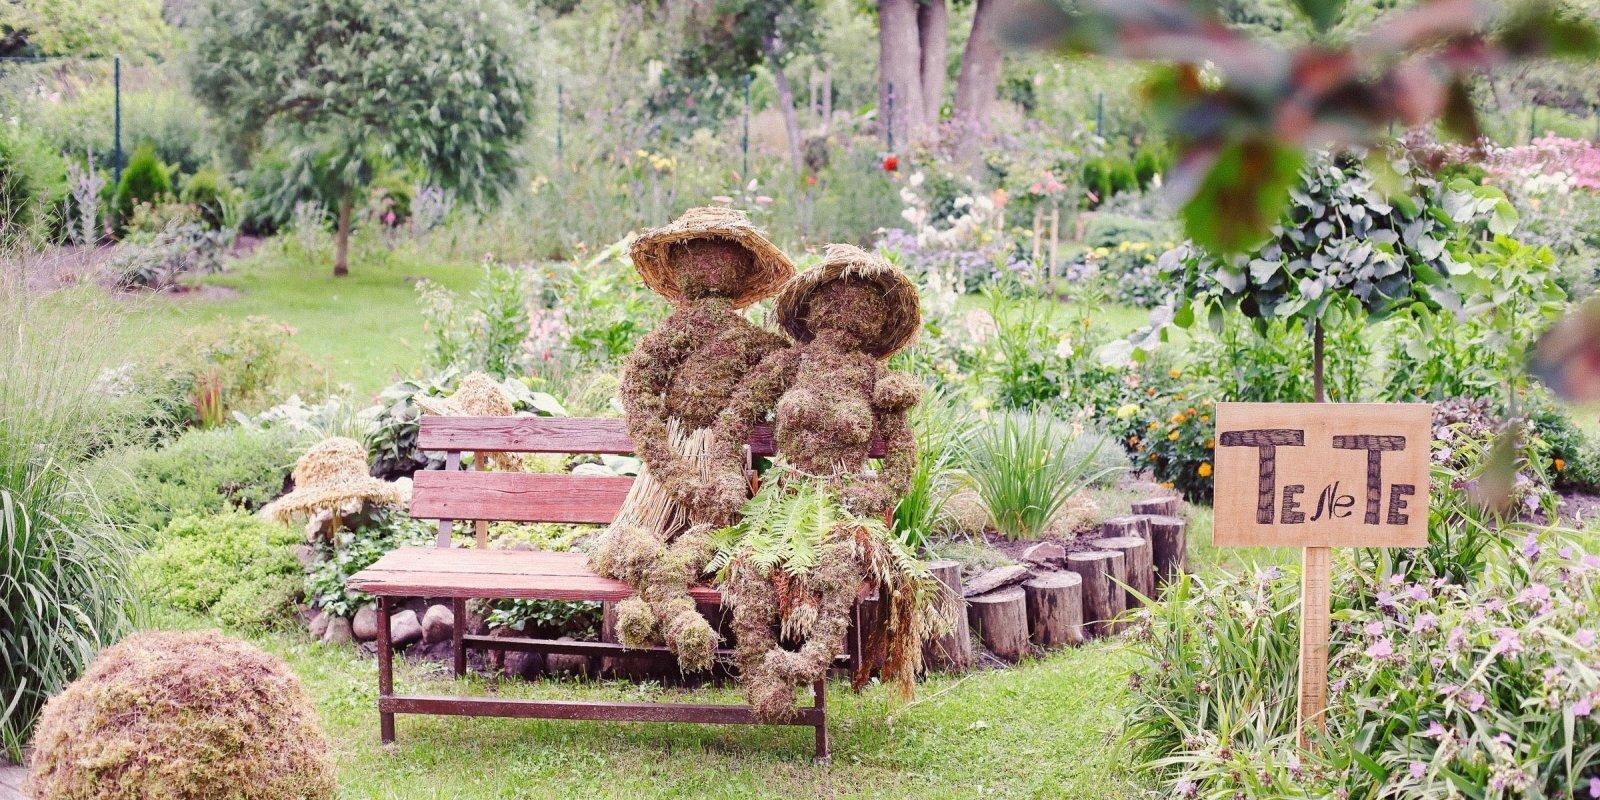 Aplamības ir dārza ikdiena. Ciemos pie Kukaiņu ģimenes Ķemeros